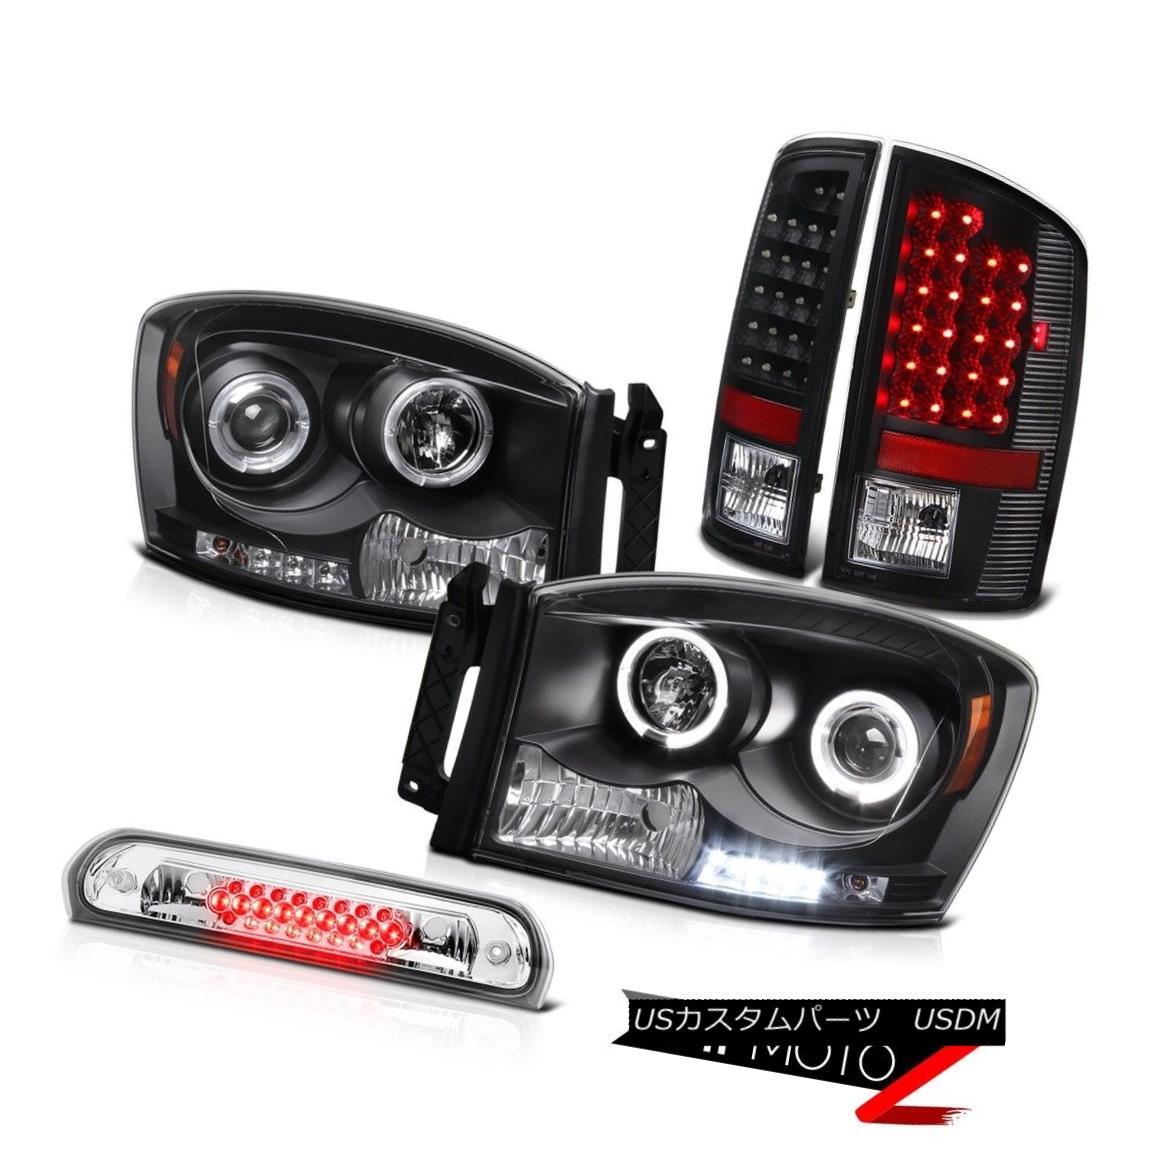 テールライト 2006 Dodge Ram WS Black Halo Rim LED Headlights Bulbs Tail Lamp Chrome 3rd Brake 2006ダッジラムWSブラックハローリムLEDヘッドライト電球テールランプランプ第3ブレーキ